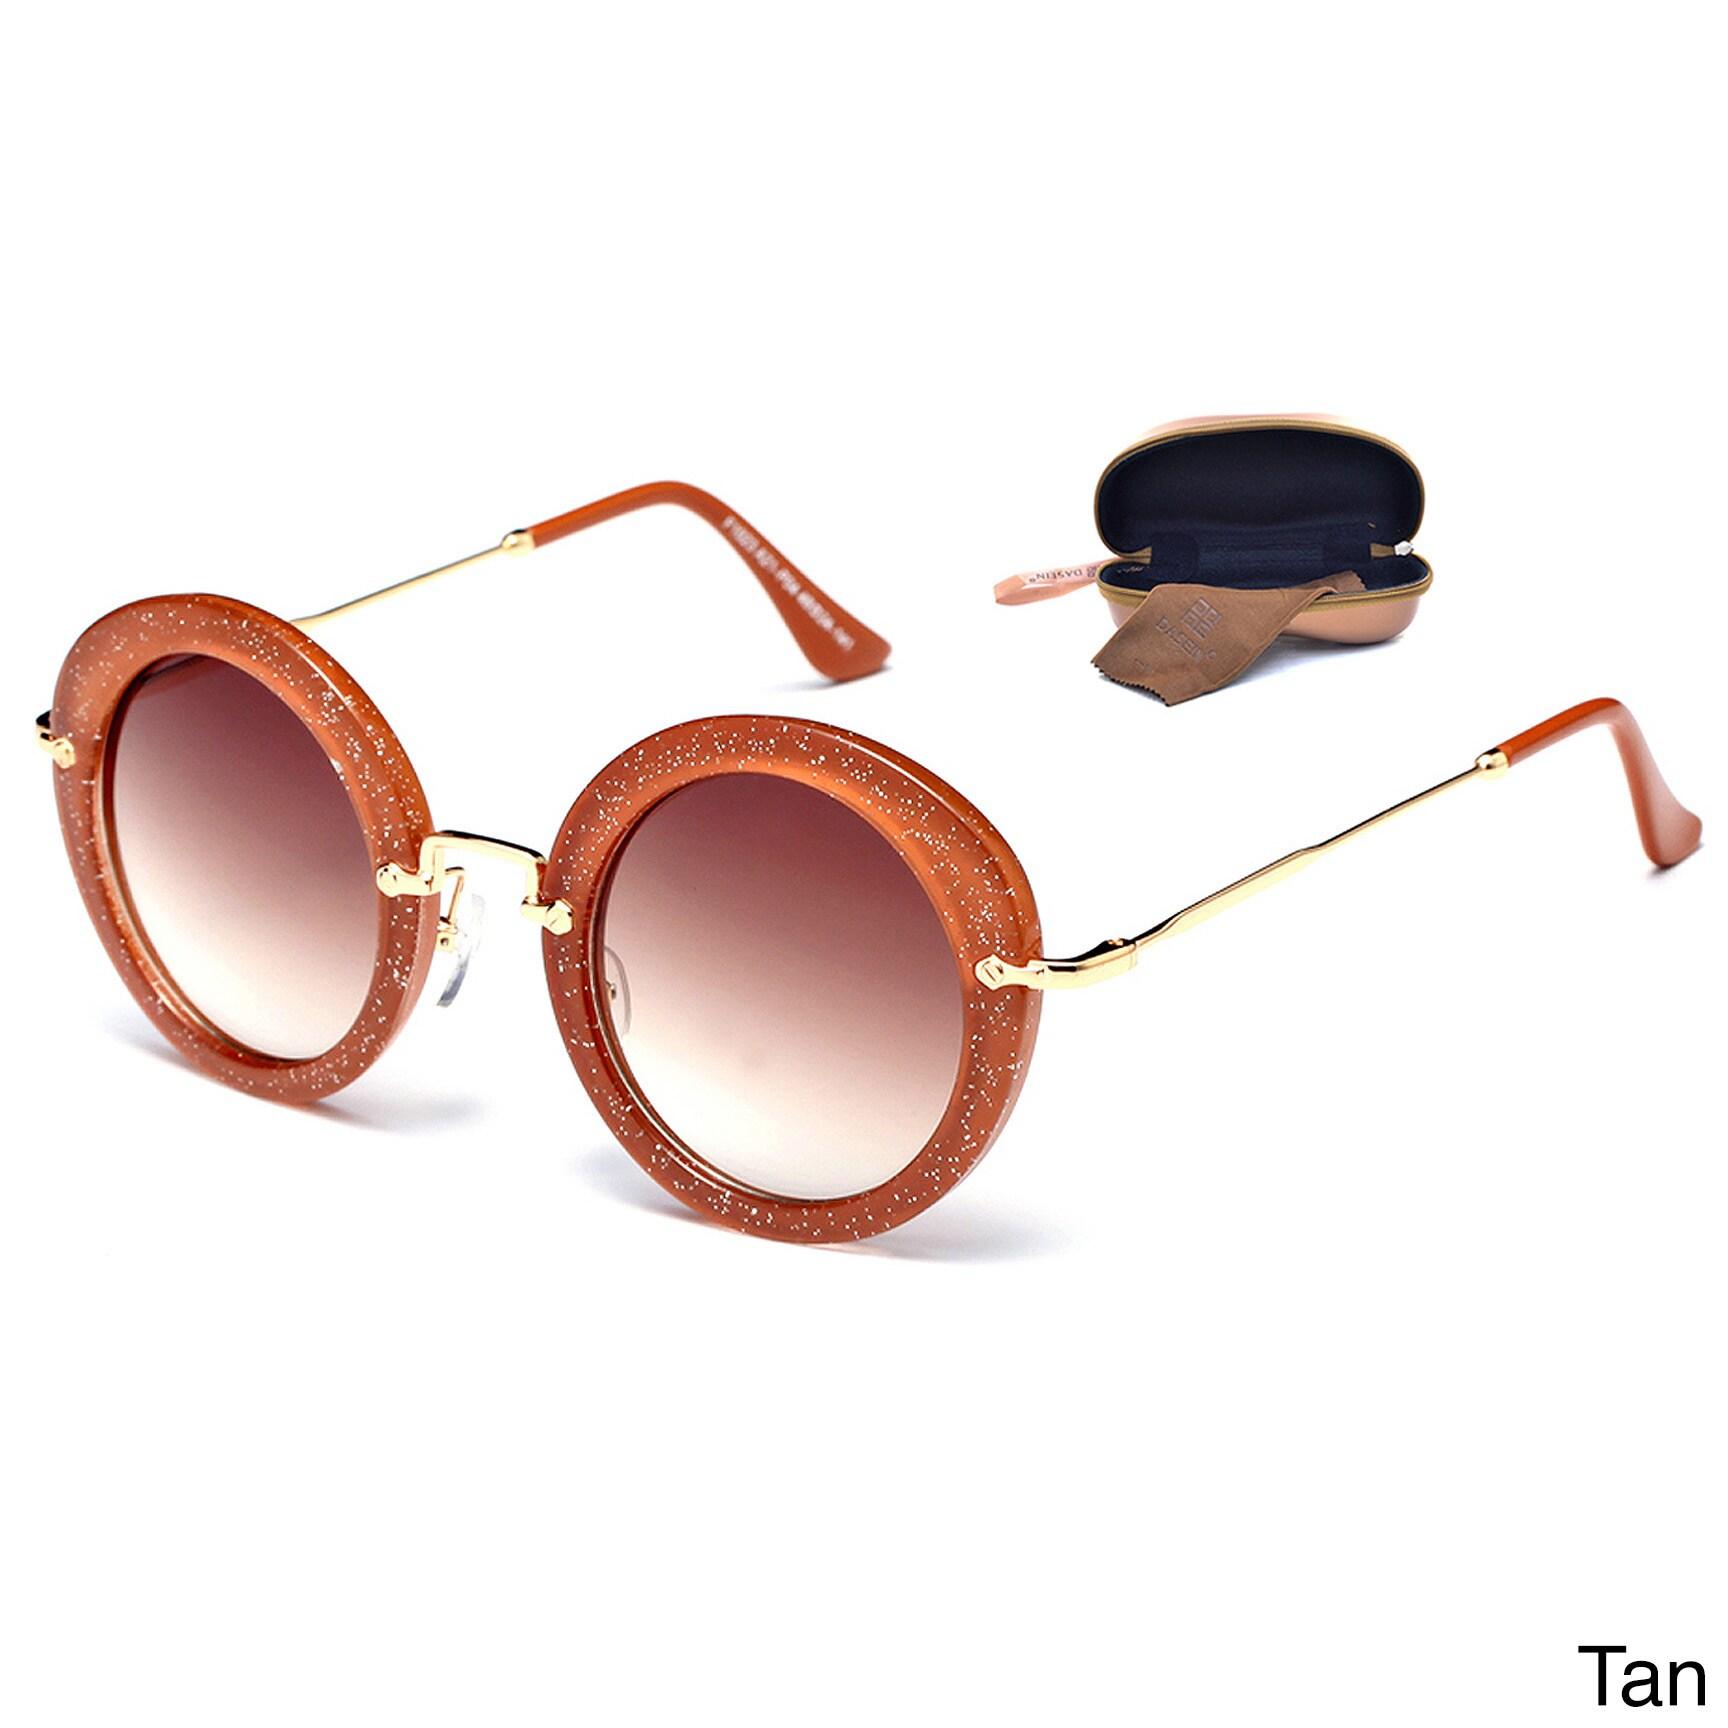 Dasein Premium Polarized Vintage Round Sunglasses with Me...